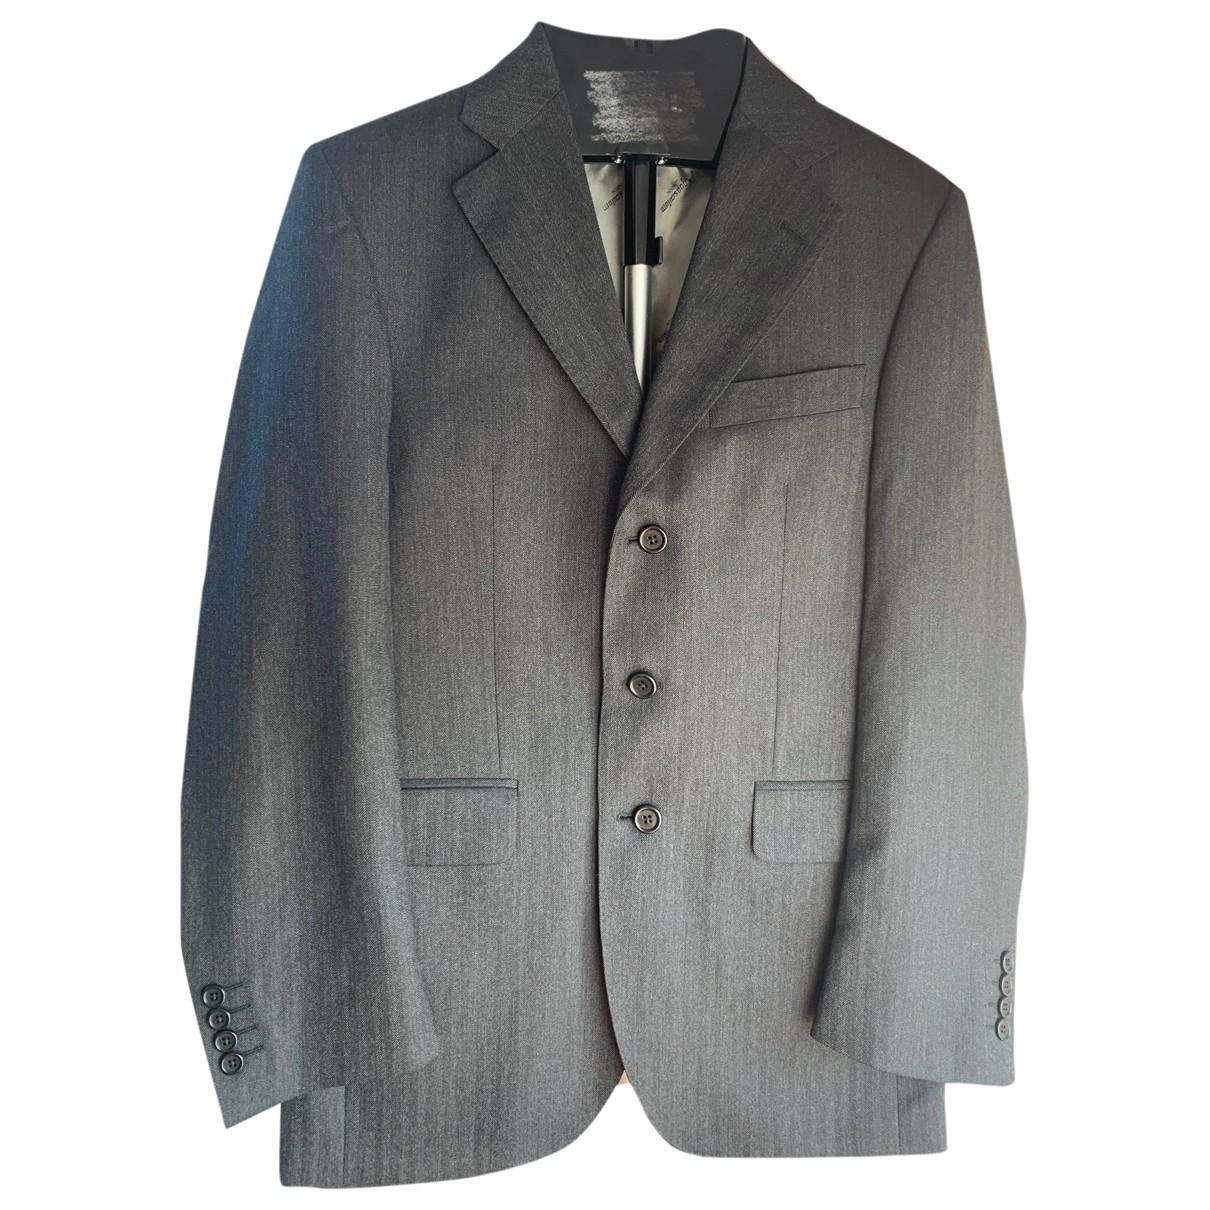 Aquascutum - Vestes.Blousons   pour homme en laine - gris